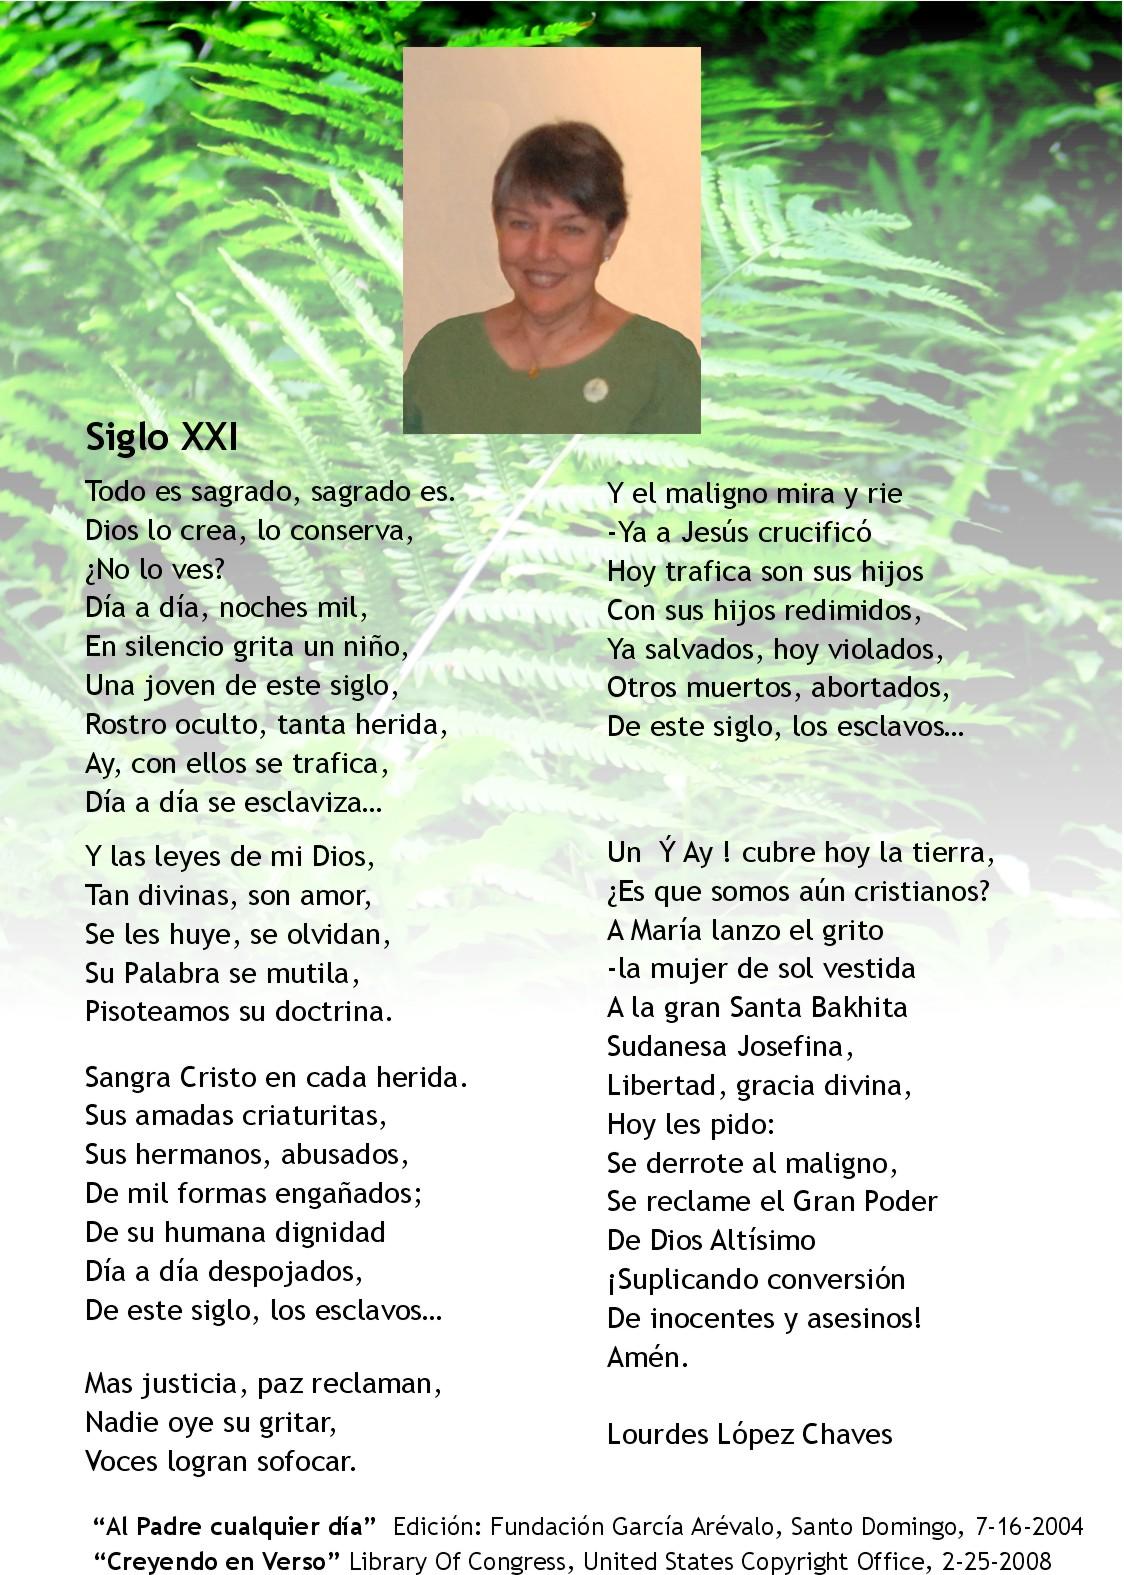 poeme xxi